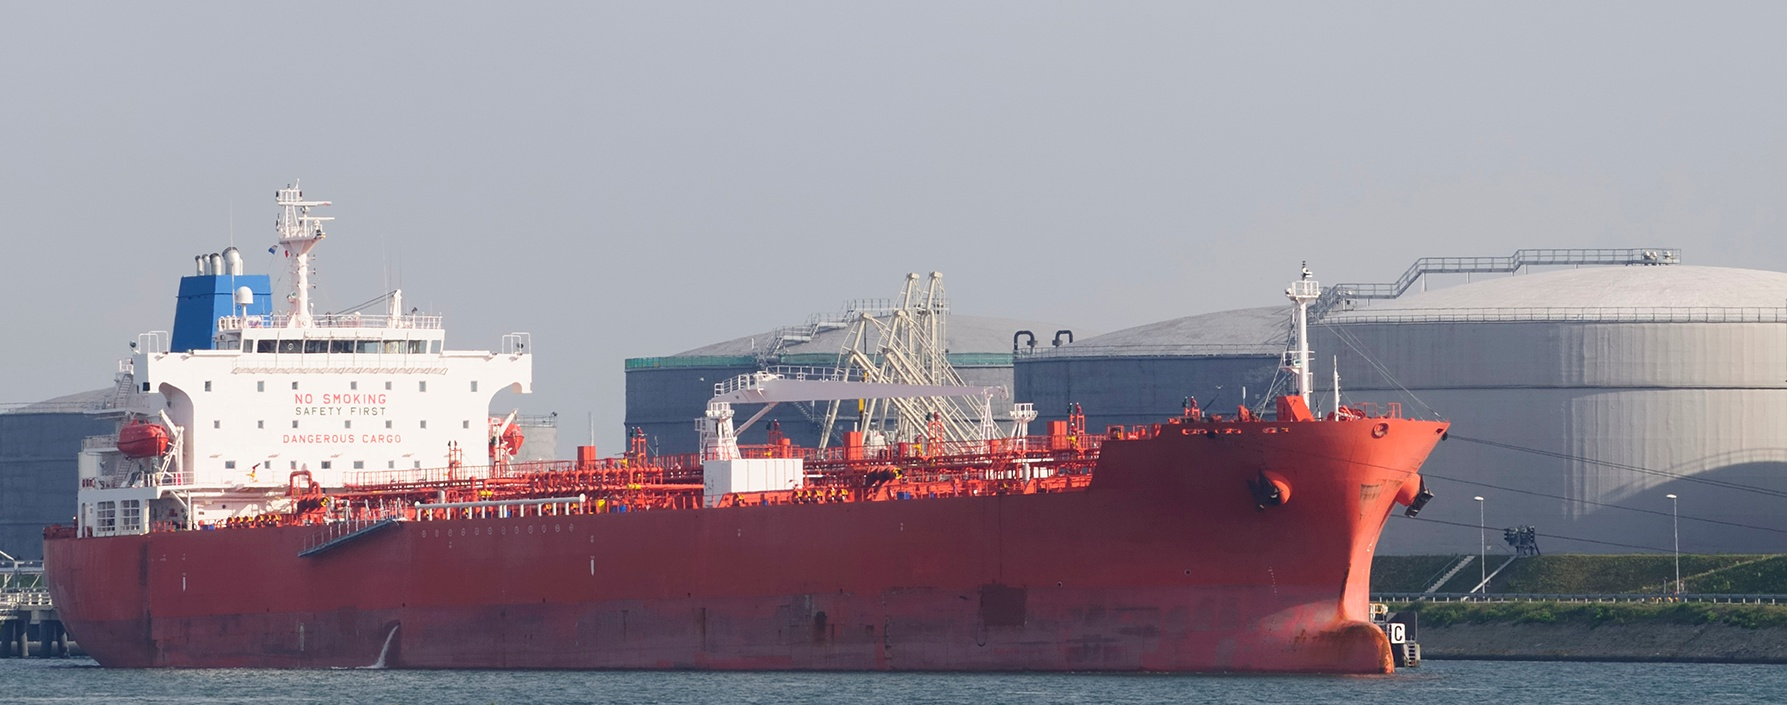 Cargo ship near oil storage